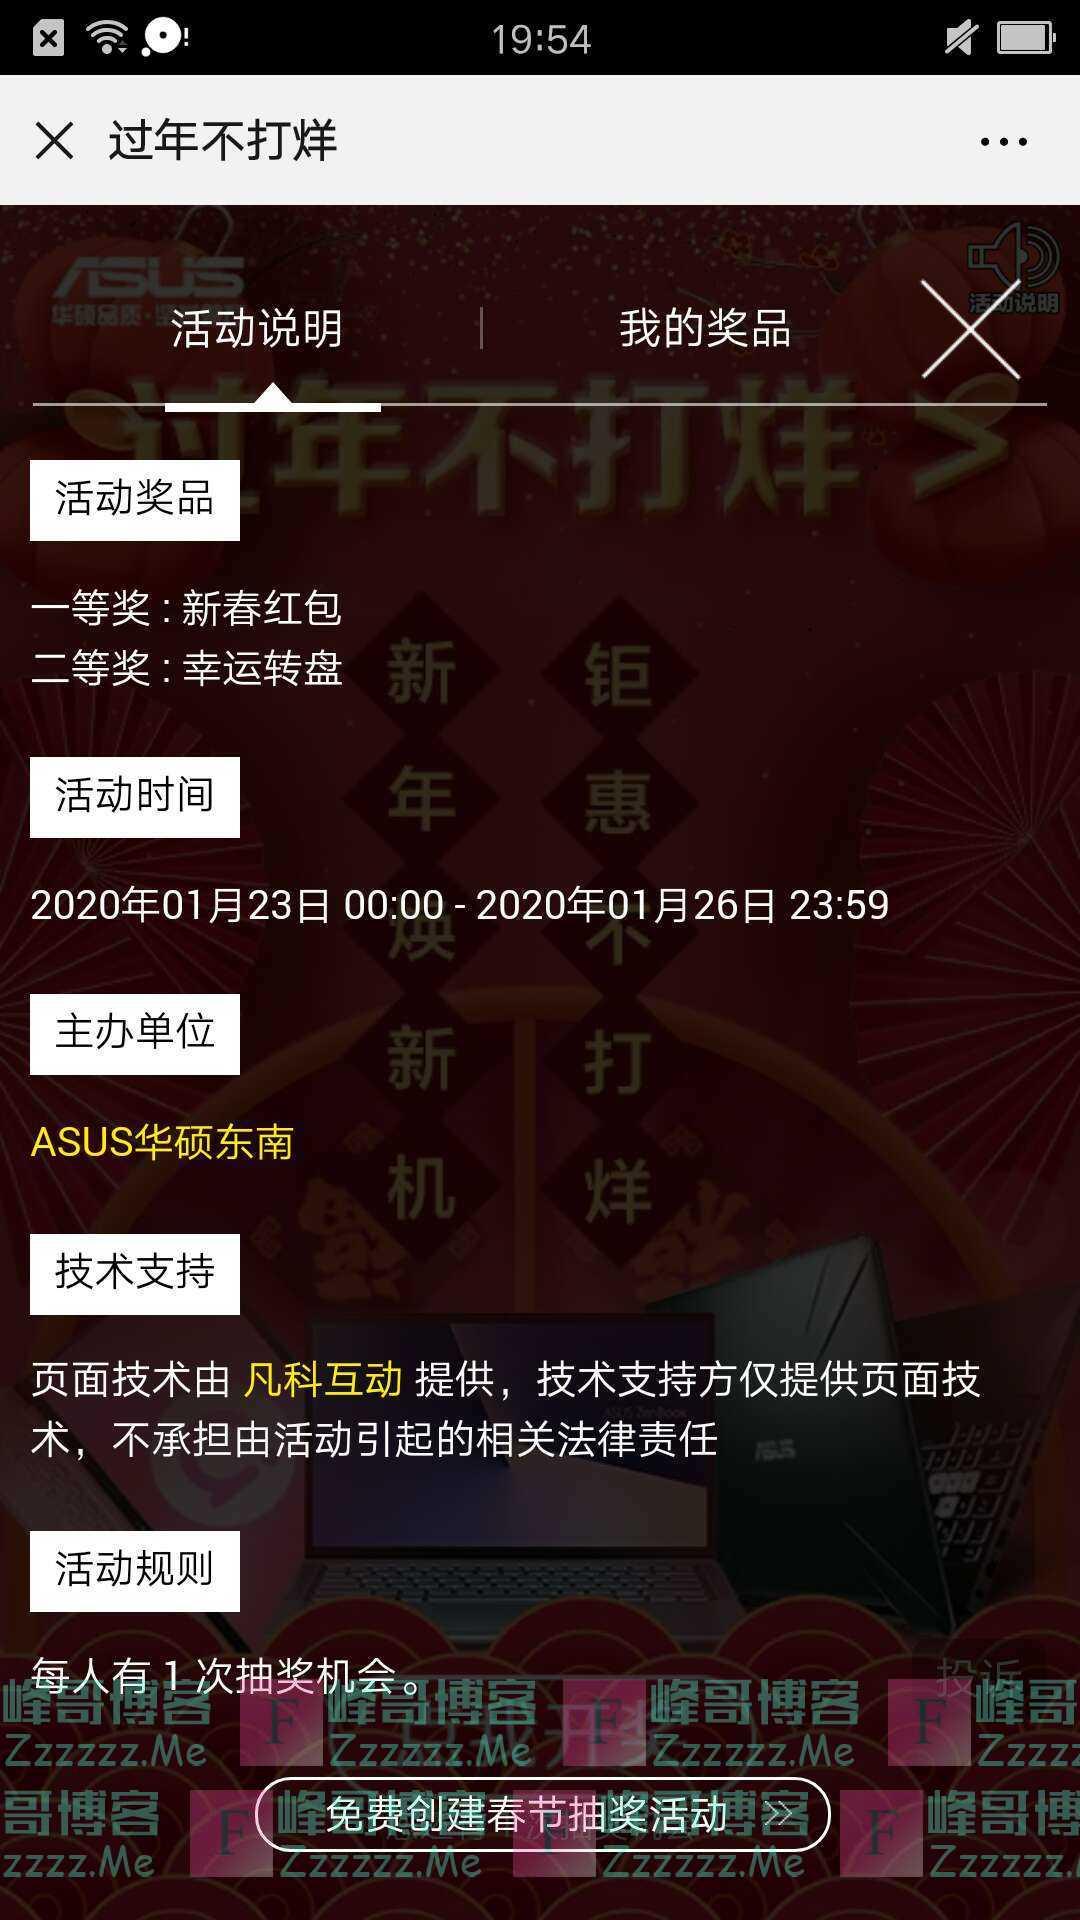 ASUS华硕东南过年不打烊 互动游戏(截止1月26日)